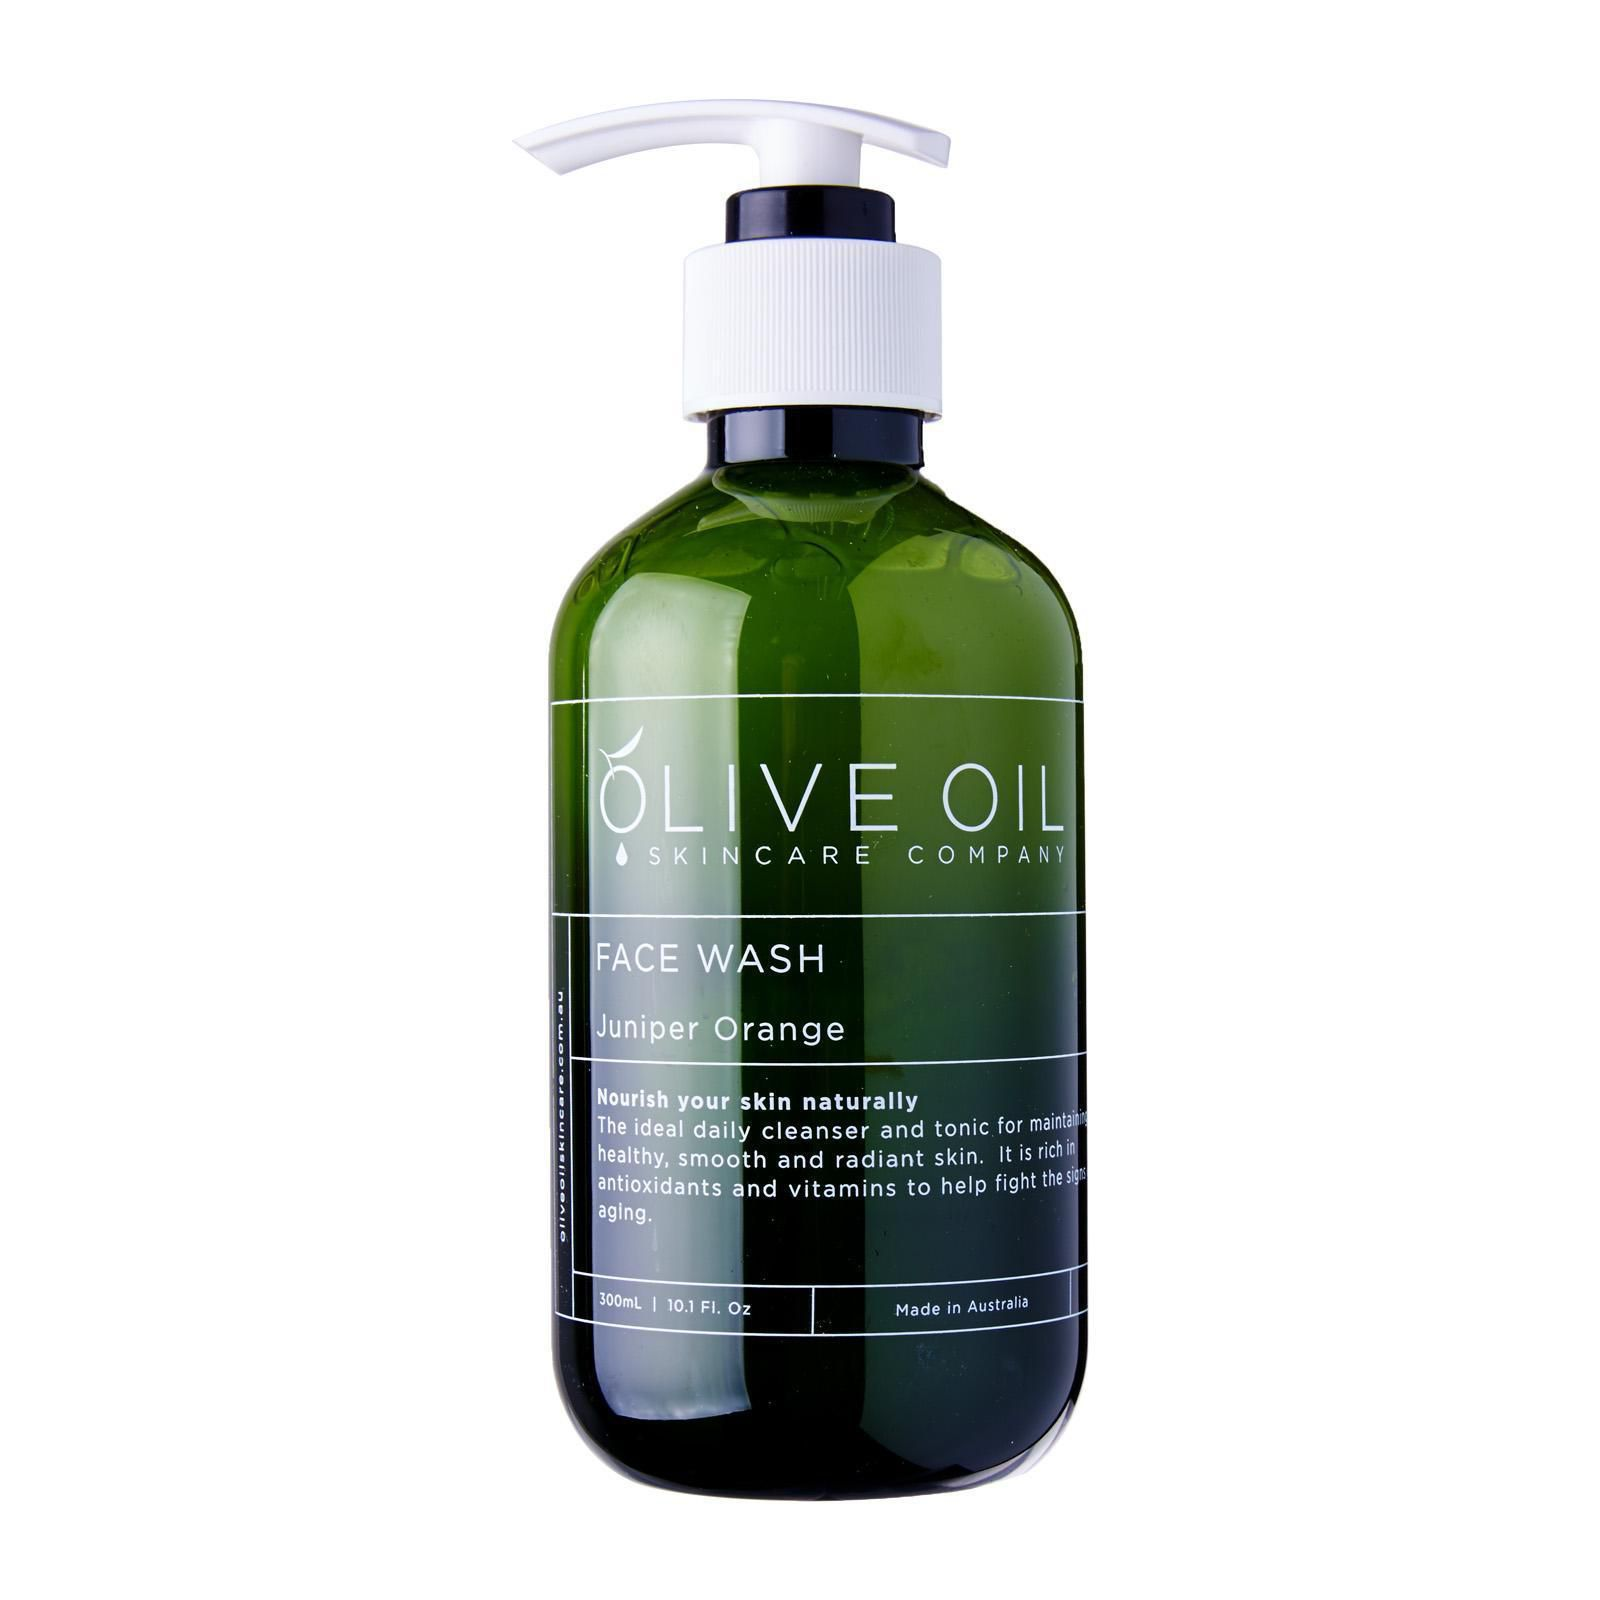 Olive Oil Skincare Company Face Wash